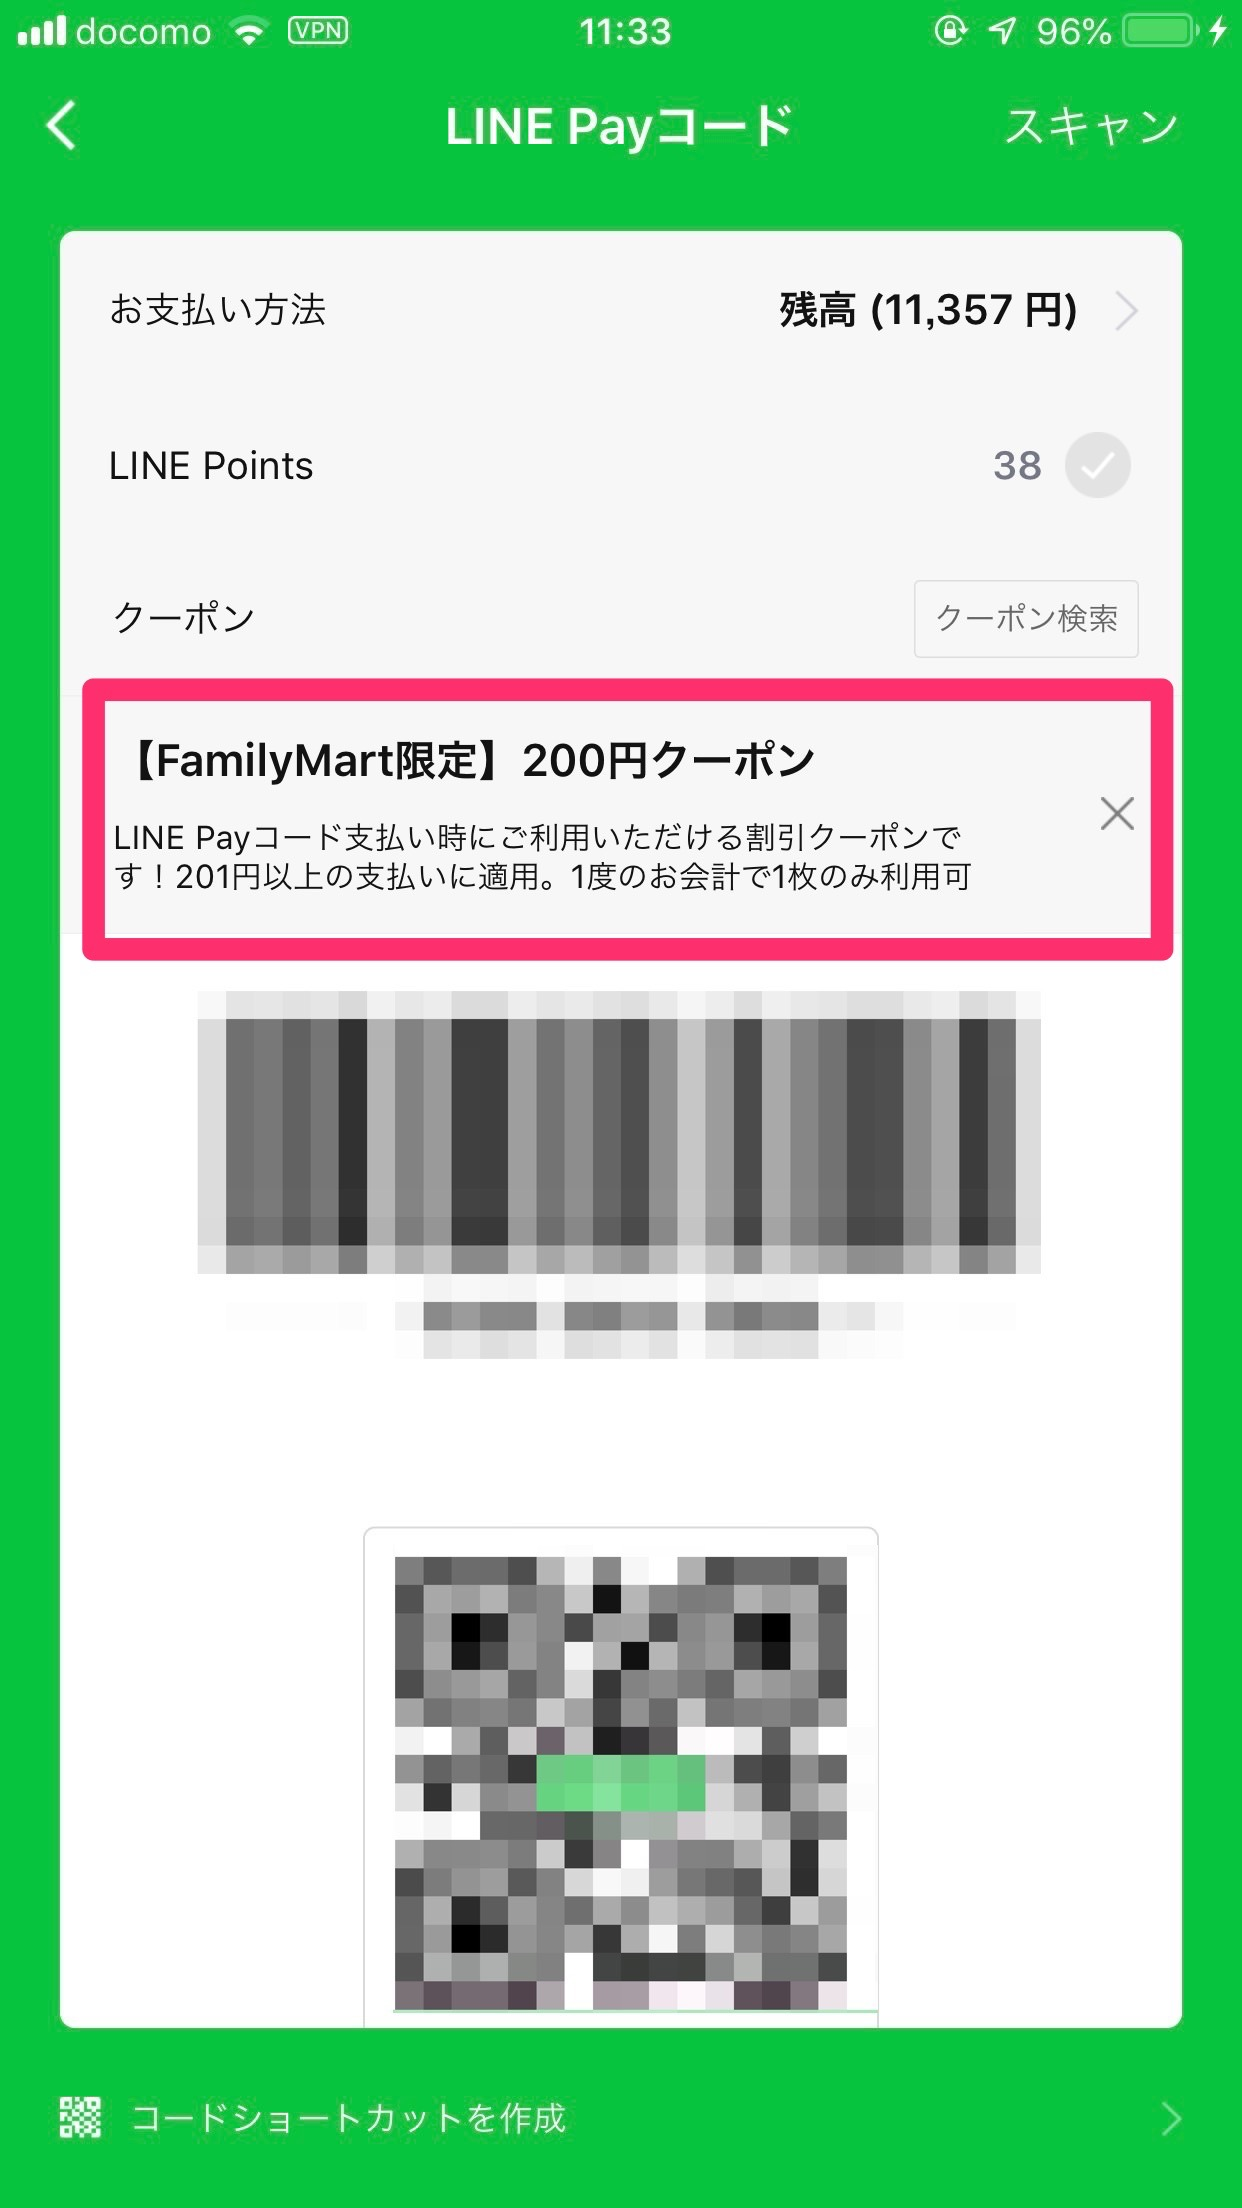 【LINE Pay】マイクーポンとLINEクーポンの違い